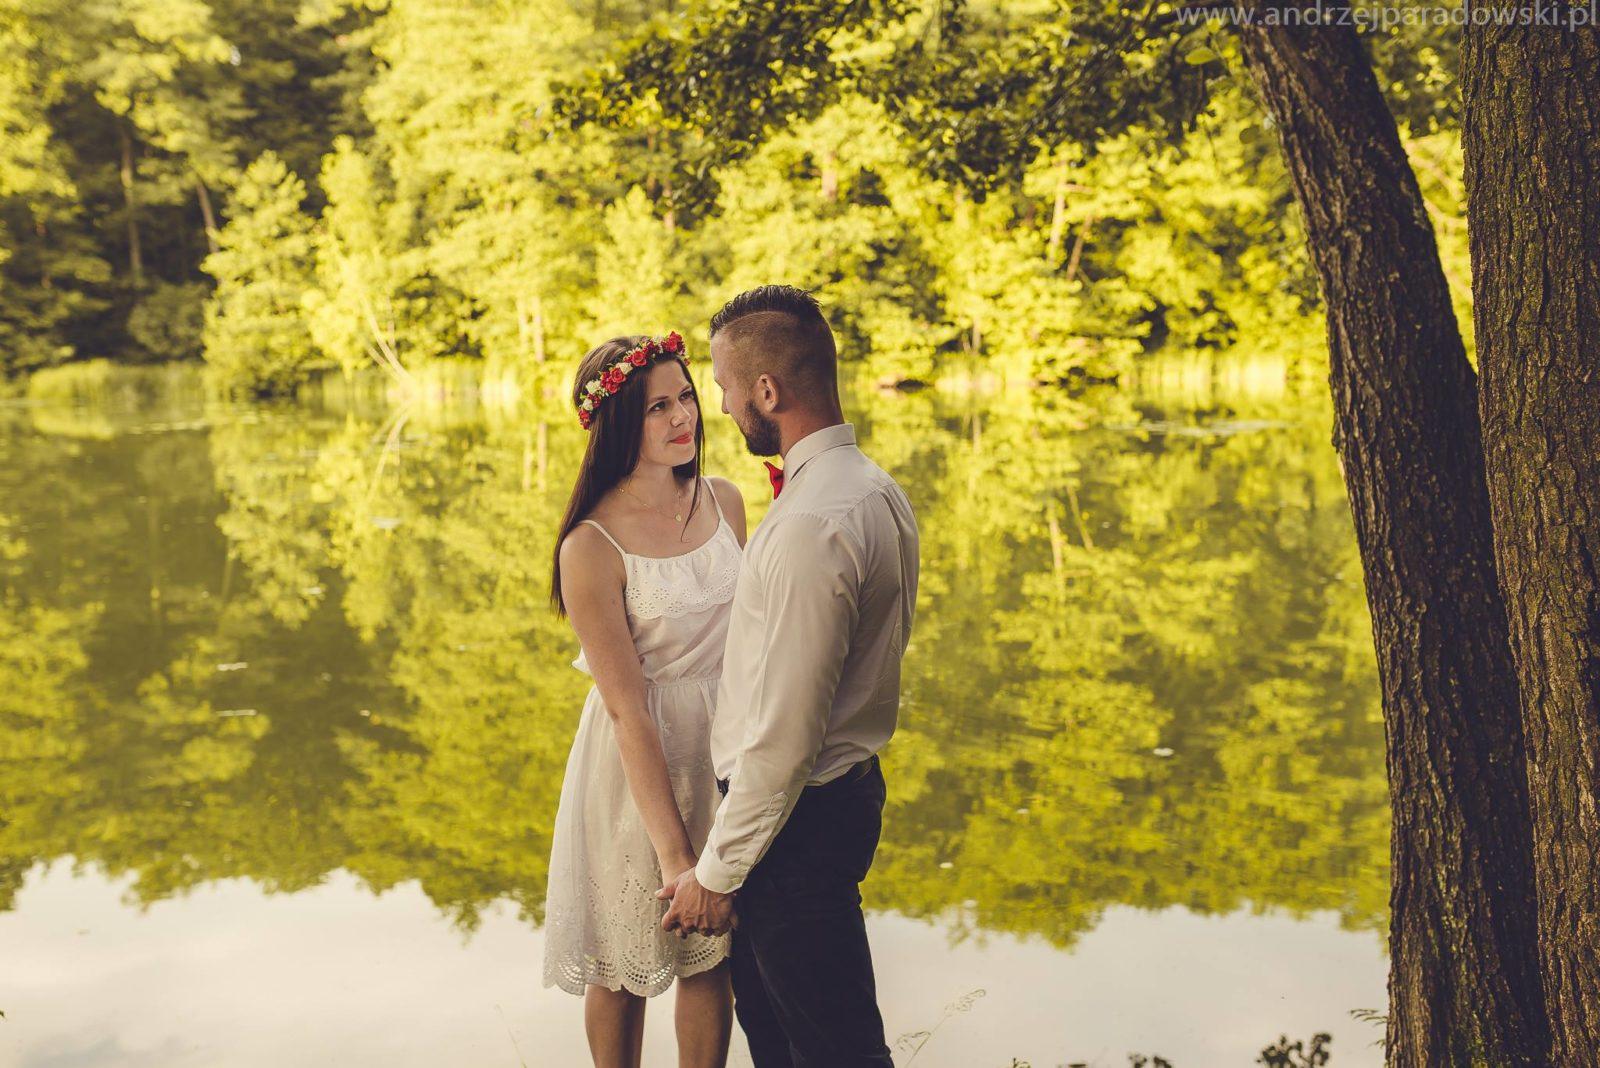 Fotograf ślubny Bieżuń